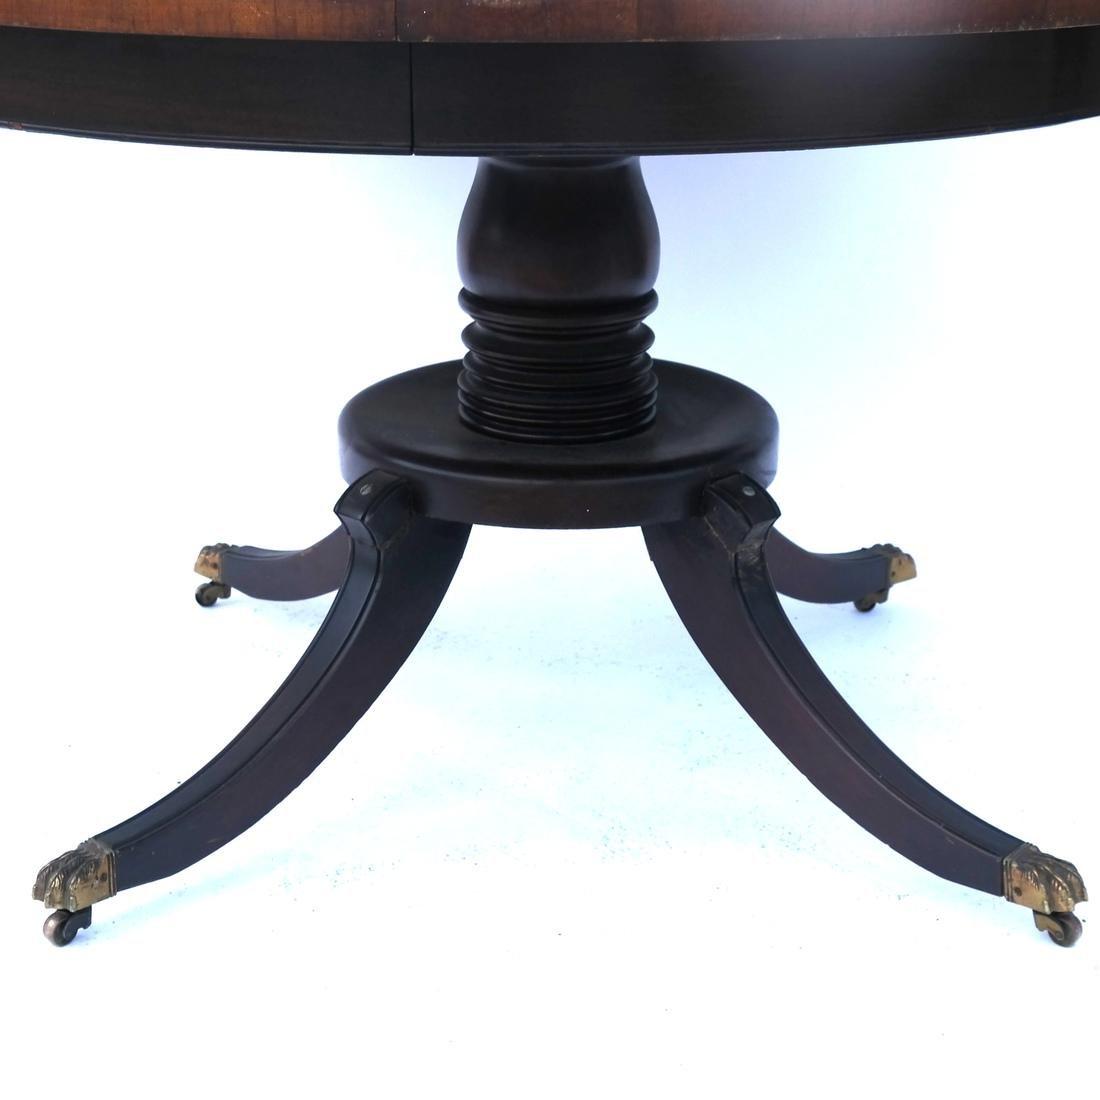 Mahogany Circular Dining Room Table - 3